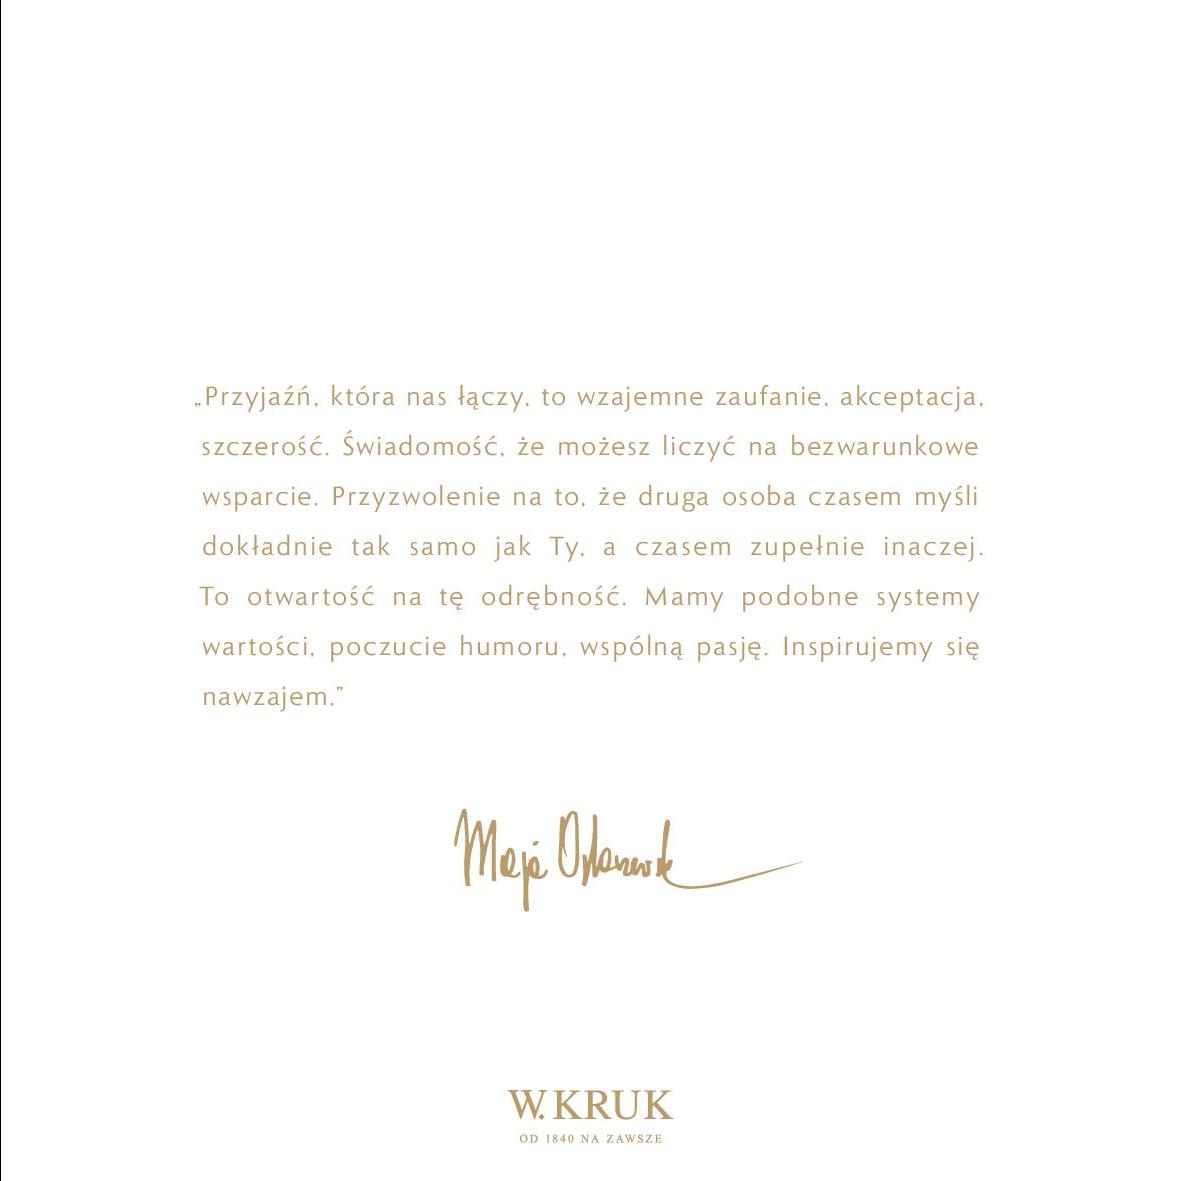 Gazetka W. KRUK: Katalog - Kolekcja Przyjaźń 2021-02-17 page-33